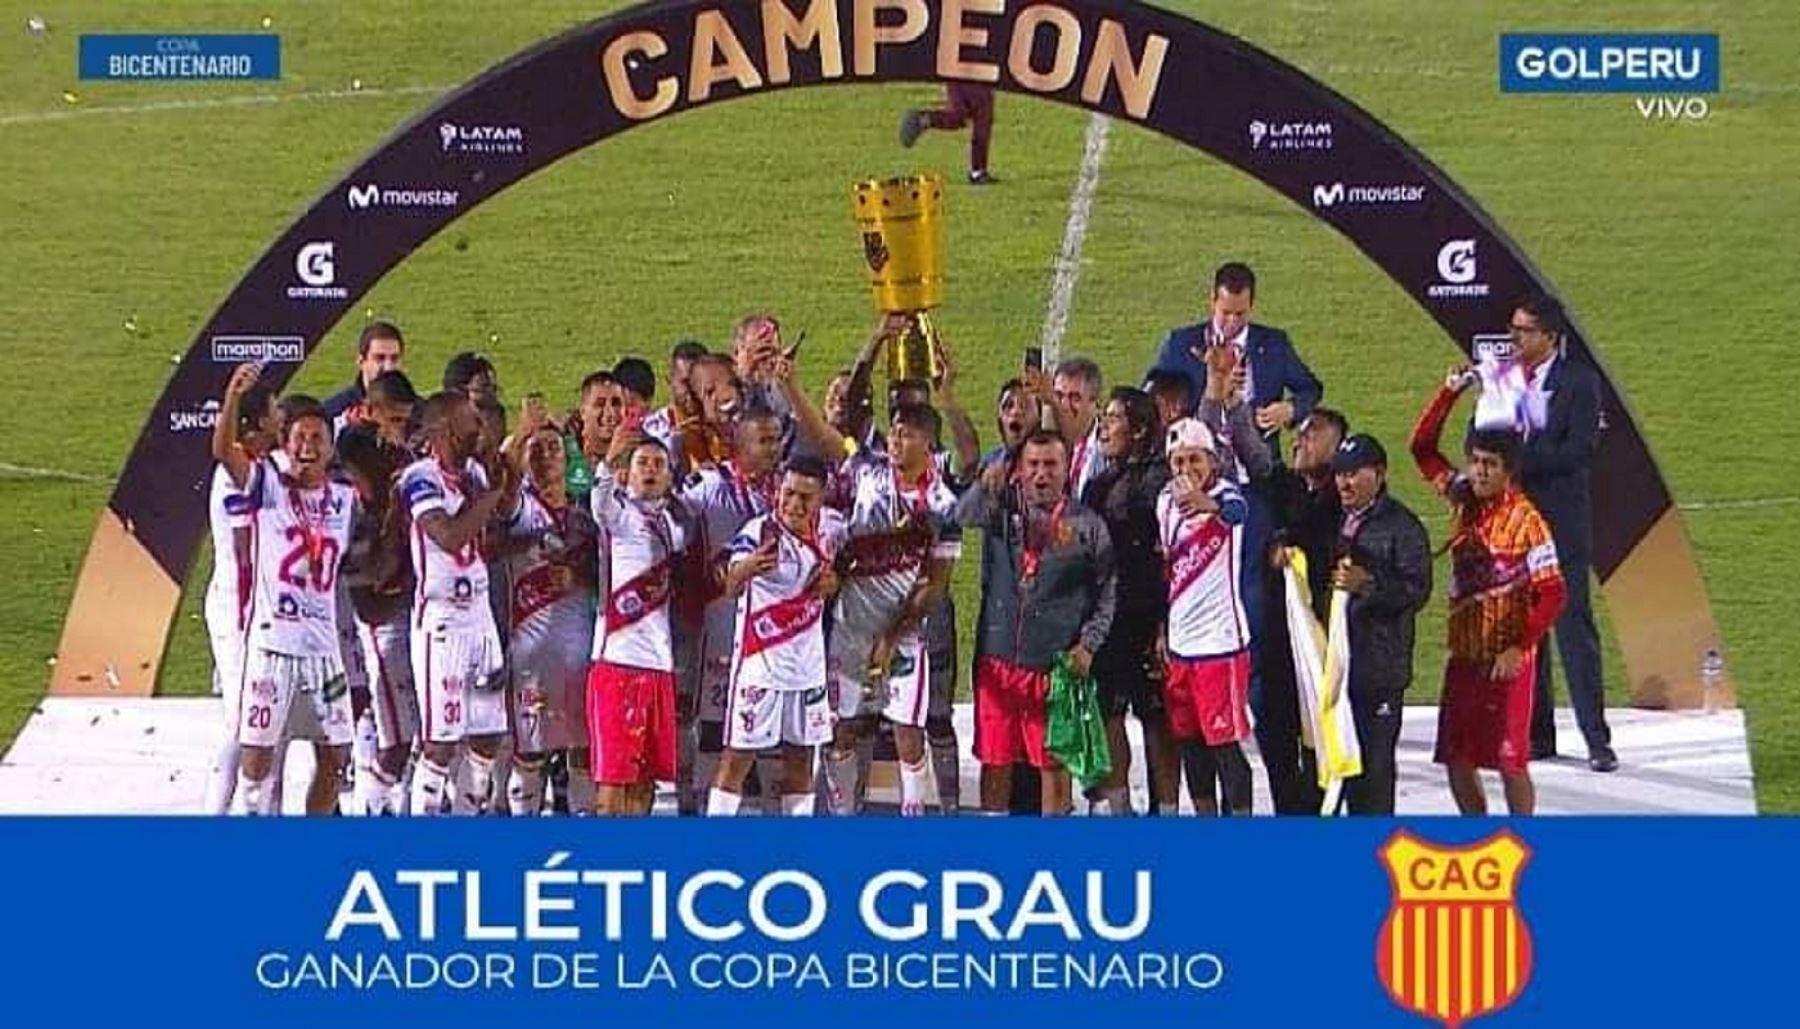 Atlético Grau de Piura gana Copa Bicentenario y disputará la Copa Sudamericana. Foto: Facebook.